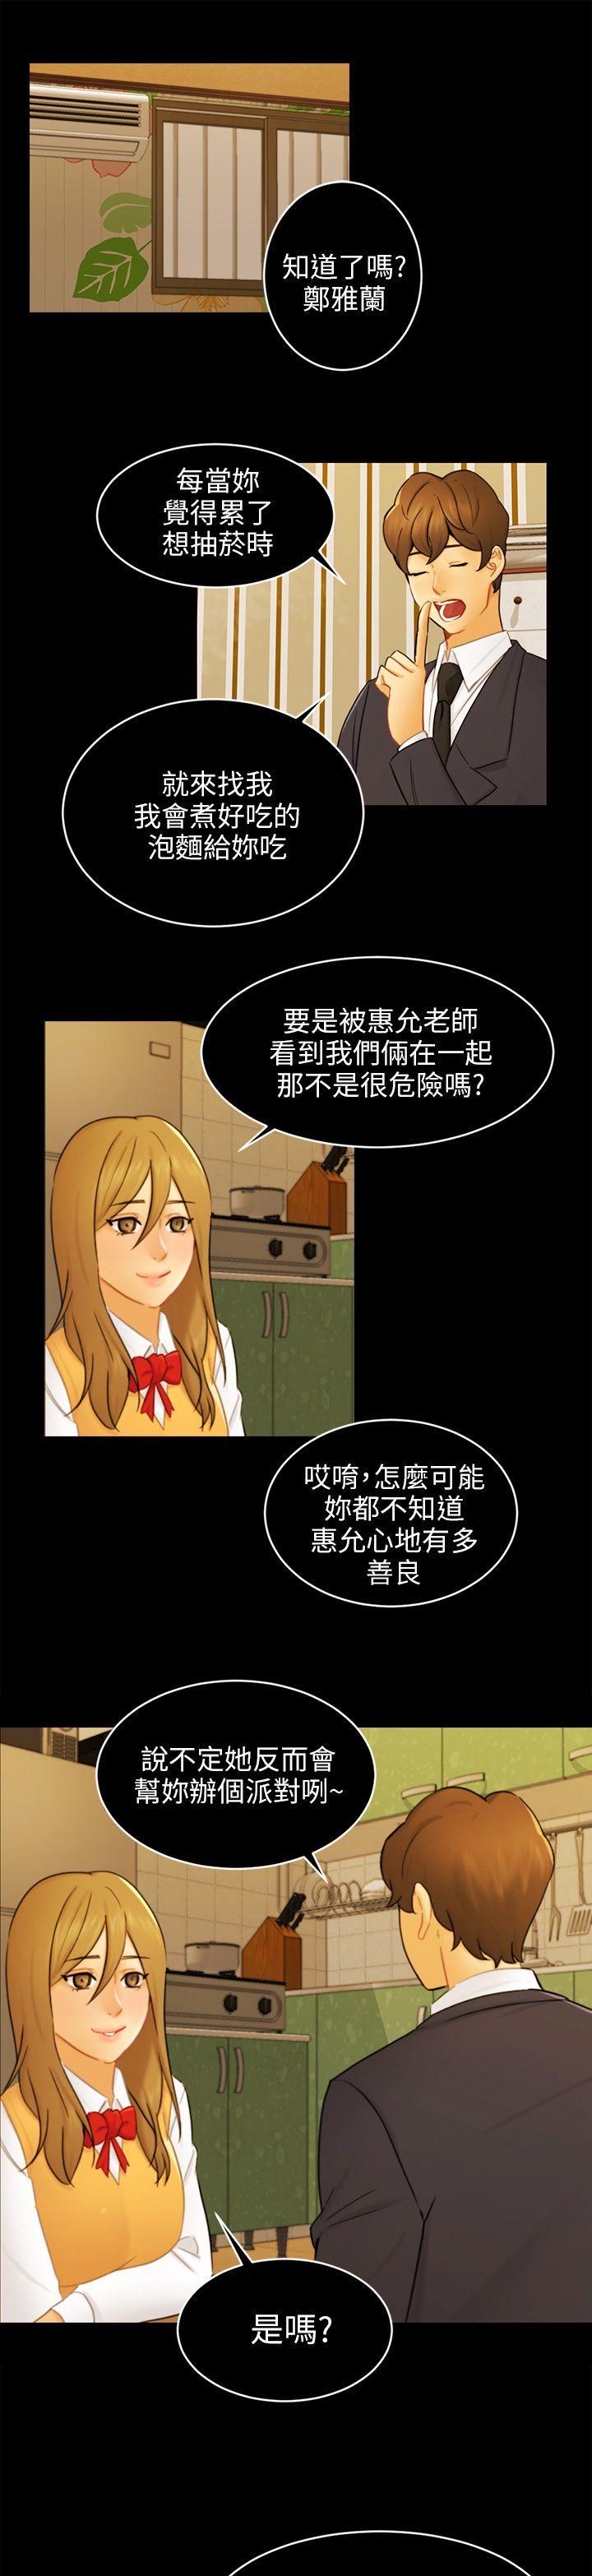 騙局-第17話 陷阱全彩韩漫标签